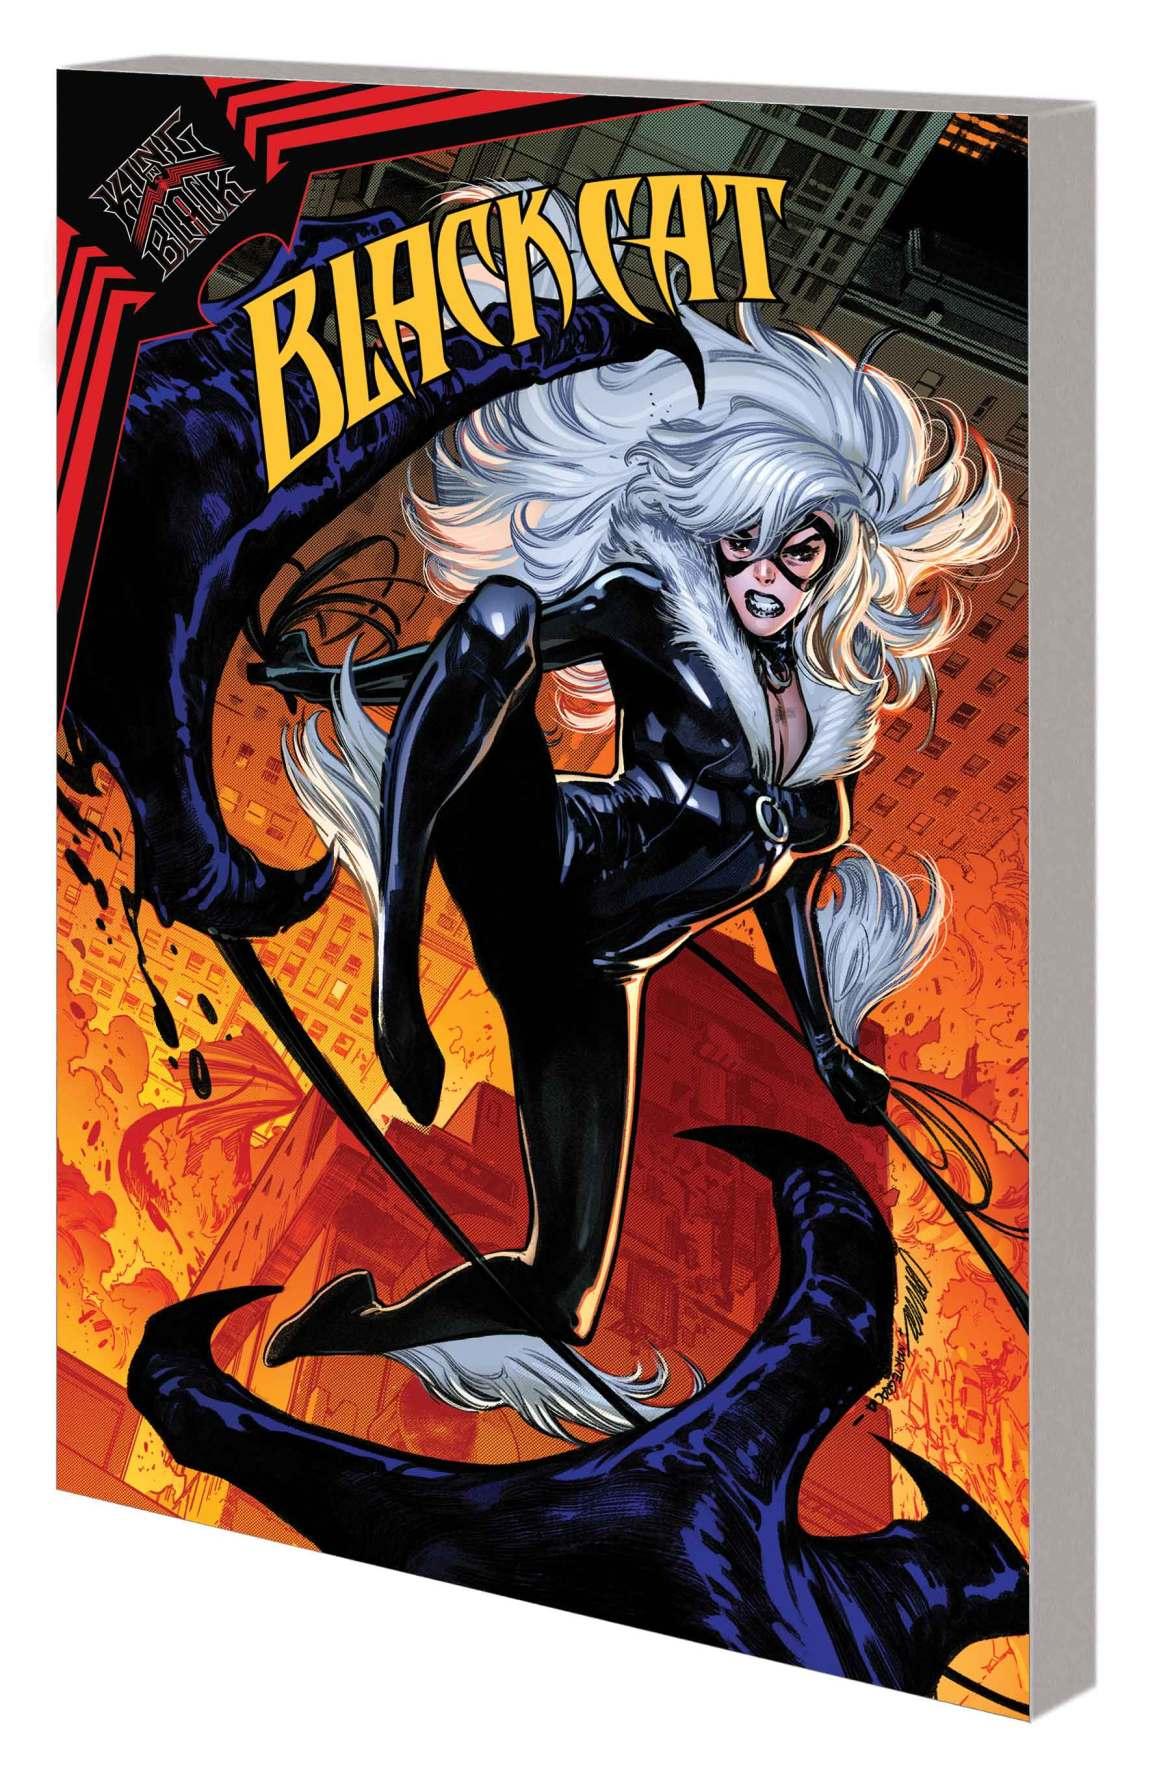 BLACKCAT_VOL_4_TPB-1 Marvel Comics May 2021 Solicitations